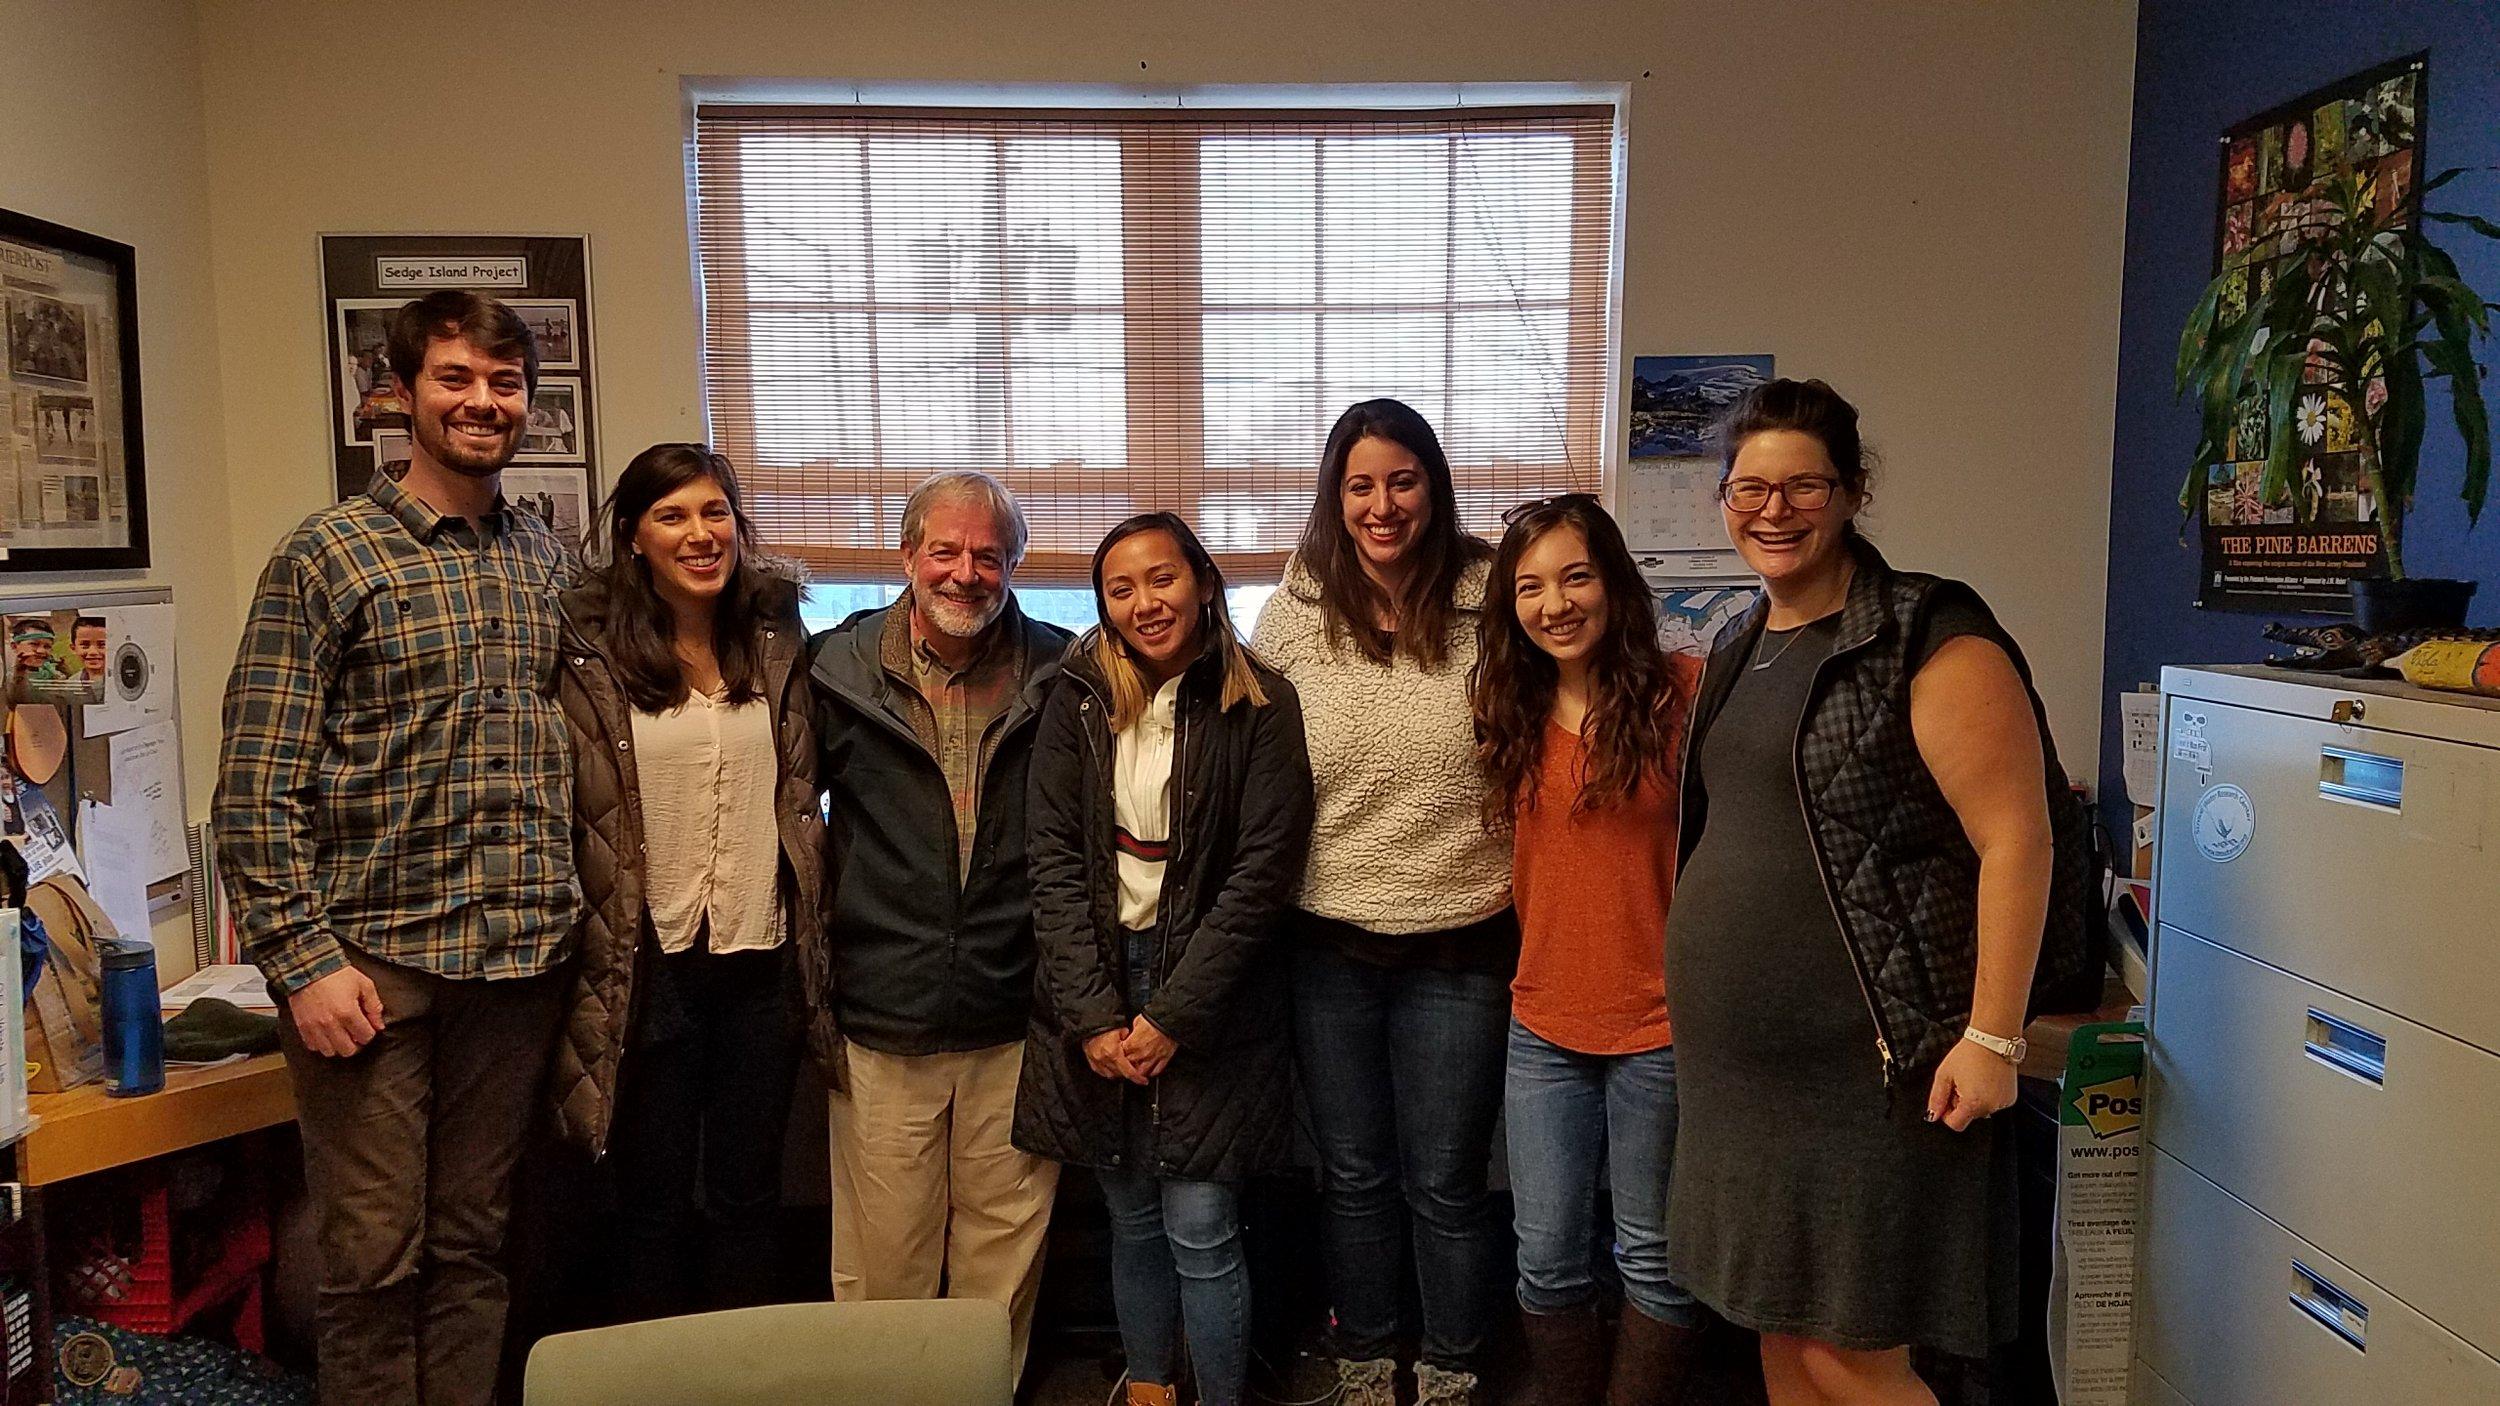 From left to right: Kevin Gassaway (UP), Rachel Abbott (UP), Jim Cummings (UP), Katharina Miguel (CDRW), Madeline Emde (CDRW), Sandra Meola (CDRW), Kourtney de la Cruz (UP)